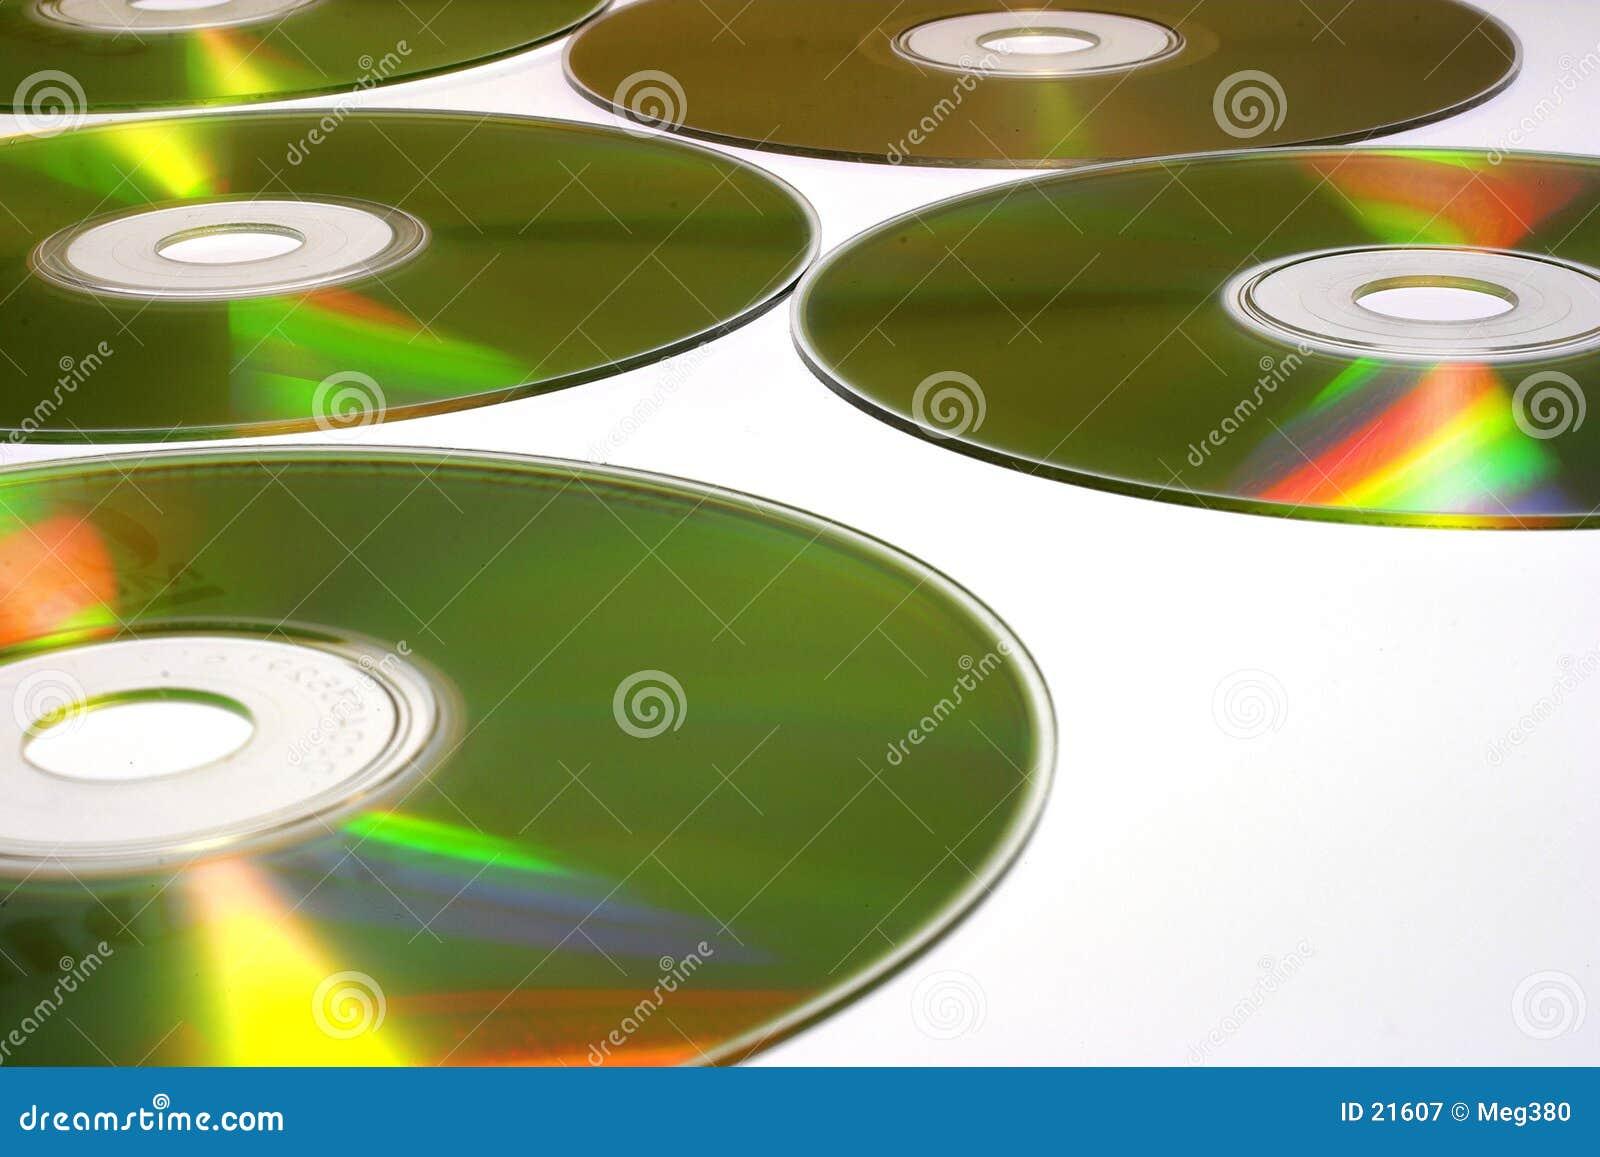 Płyty cd - rom - y